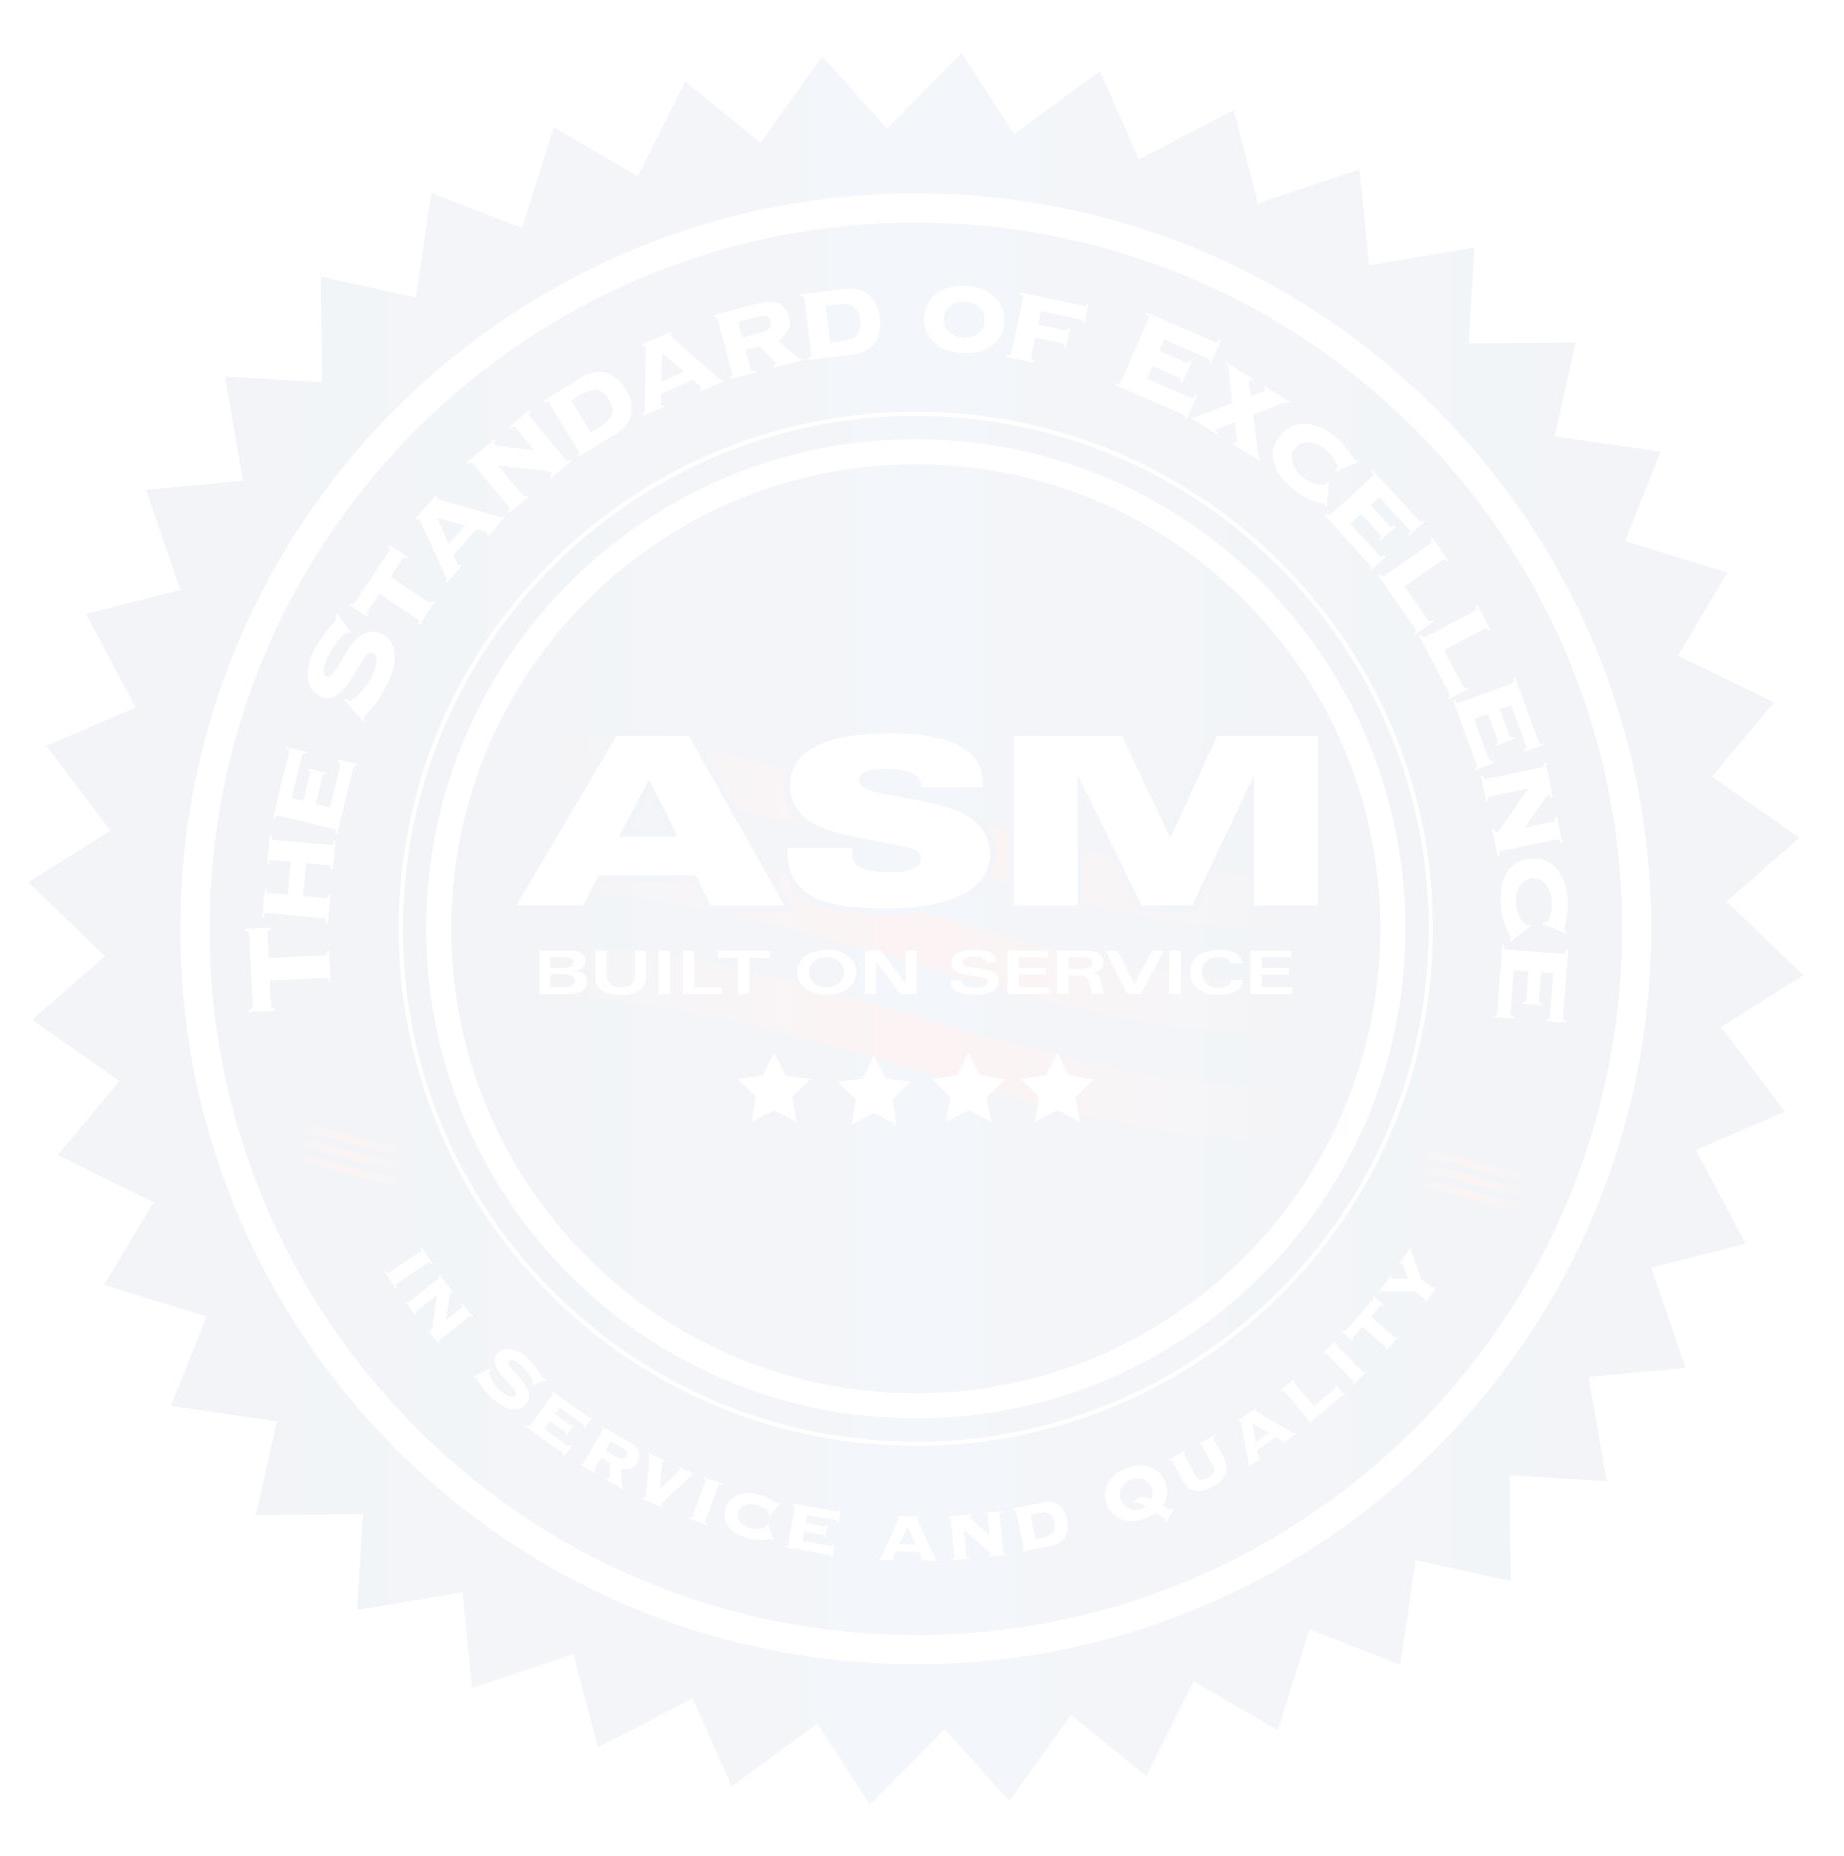 ASM_watermark